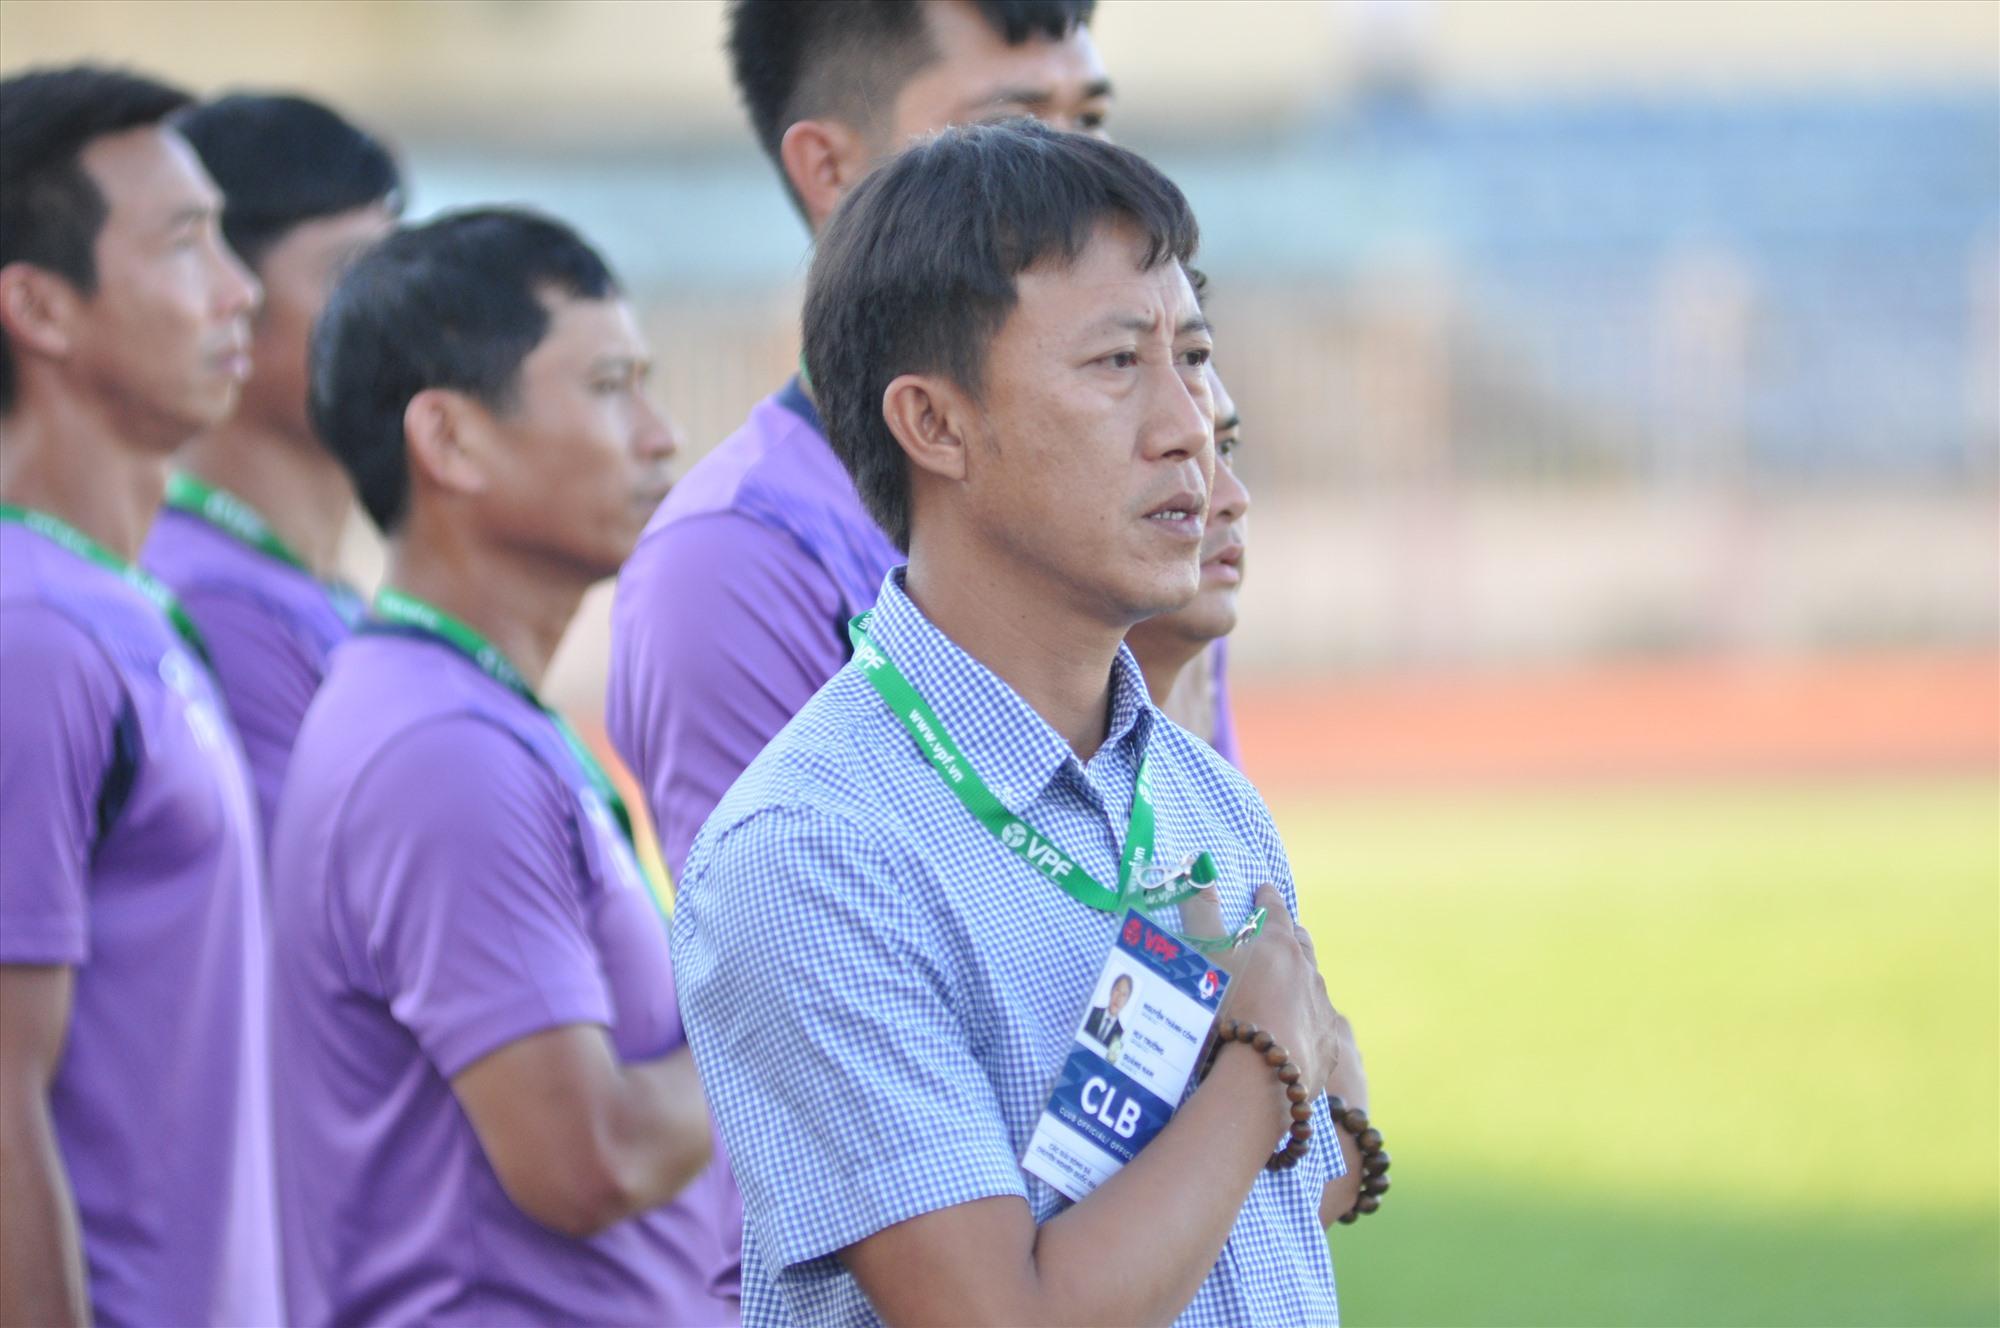 HLV Nguyễn Thành Công sớm thất bại tại Quảng Nam. Ảnh: A.NHI